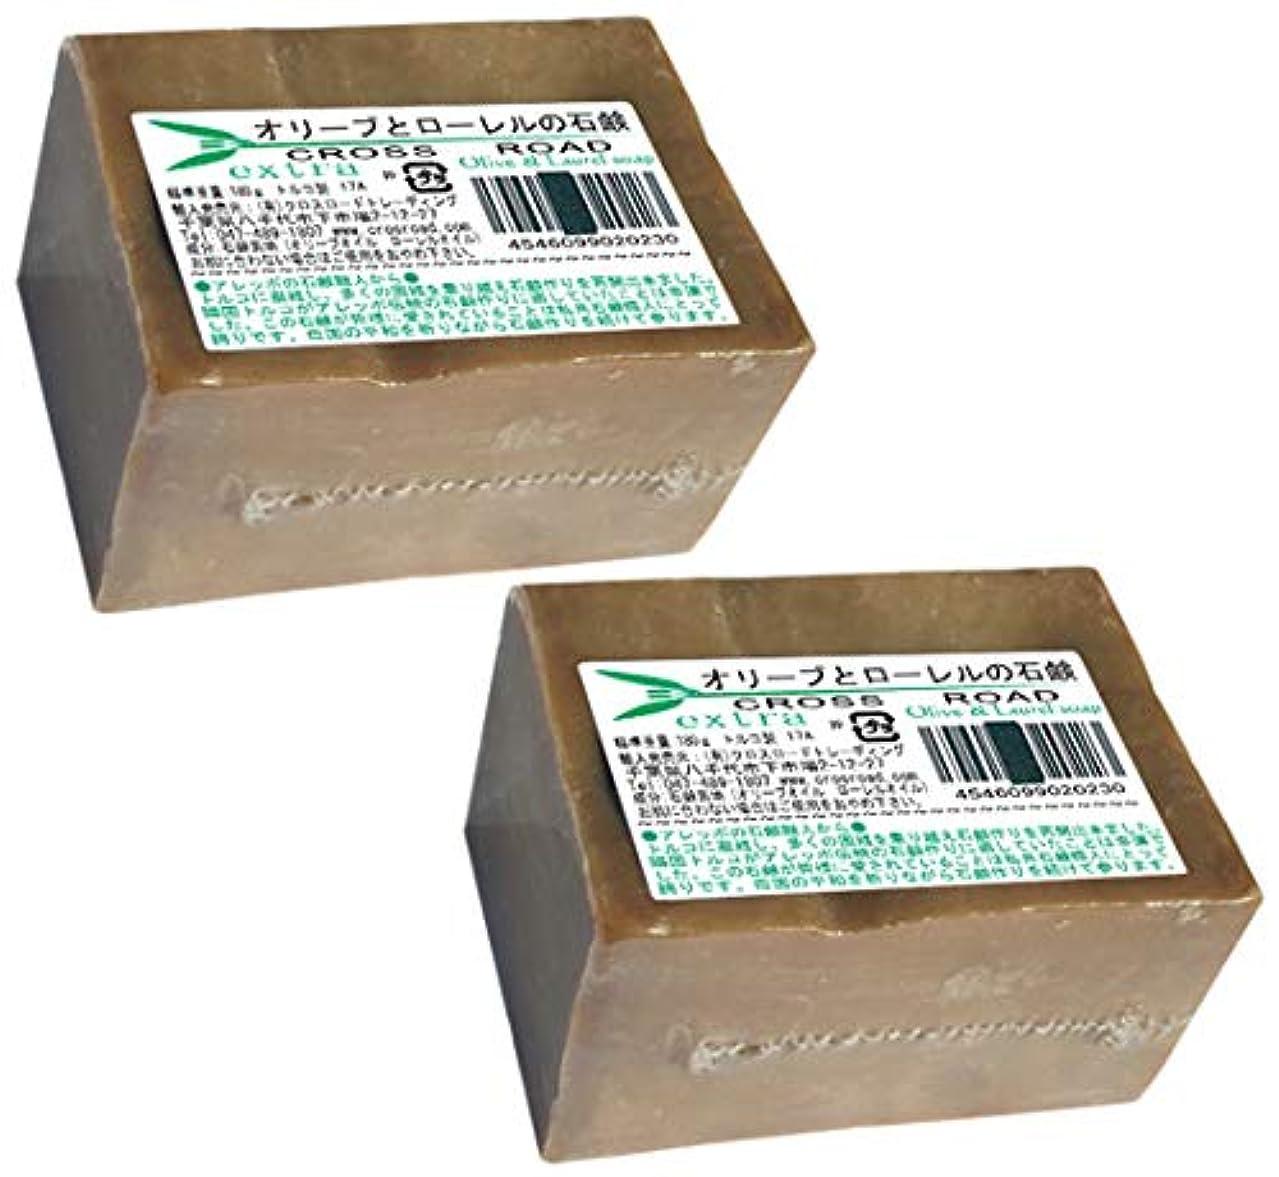 剛性食料品店鈍いオリーブとローレルの石鹸(エキストラ)2個セット[並行輸入品]